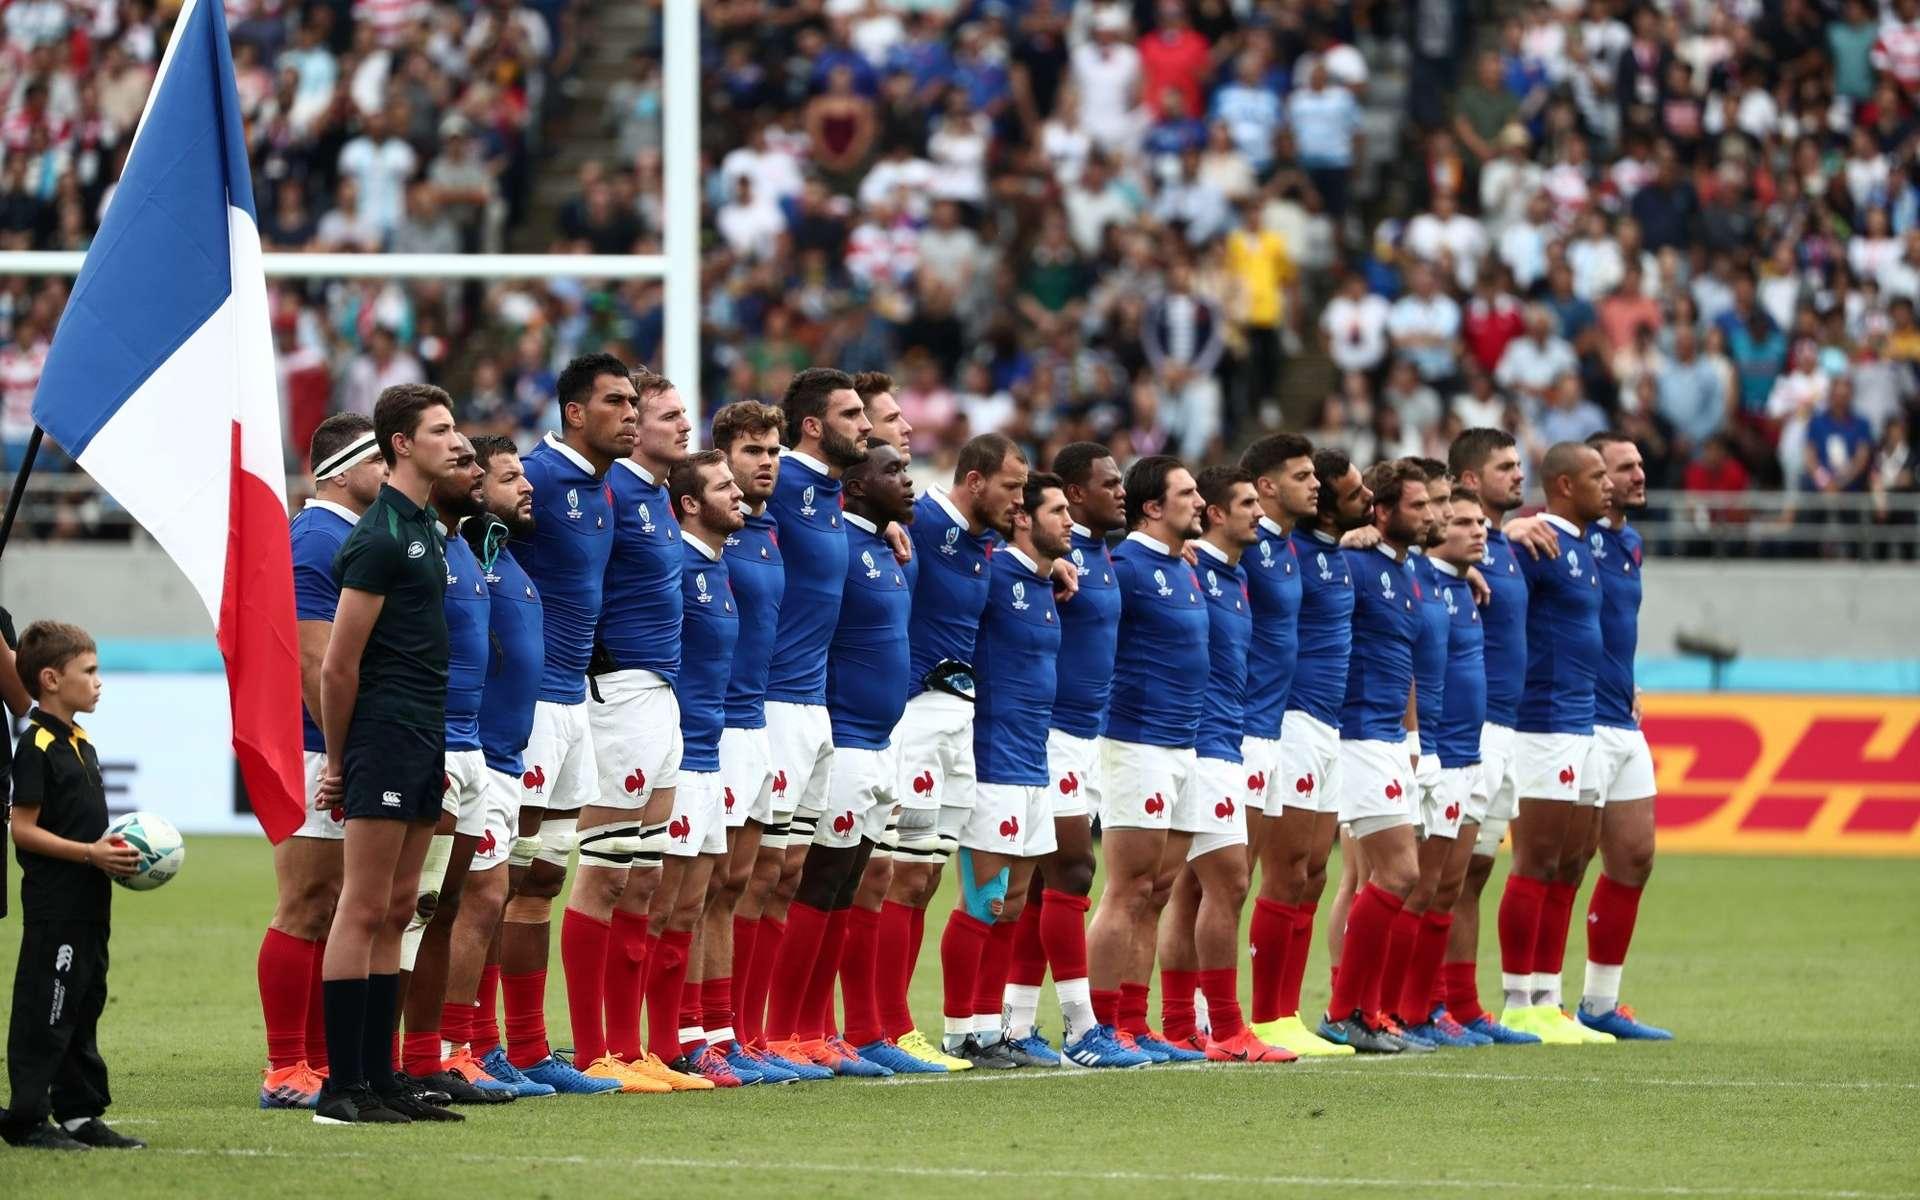 Quinze de France avant son match contre l'Argentine, coupe du monde de rugby, 21/09/2019 à Tokyo. © Behrouz MEHRI / AFP.